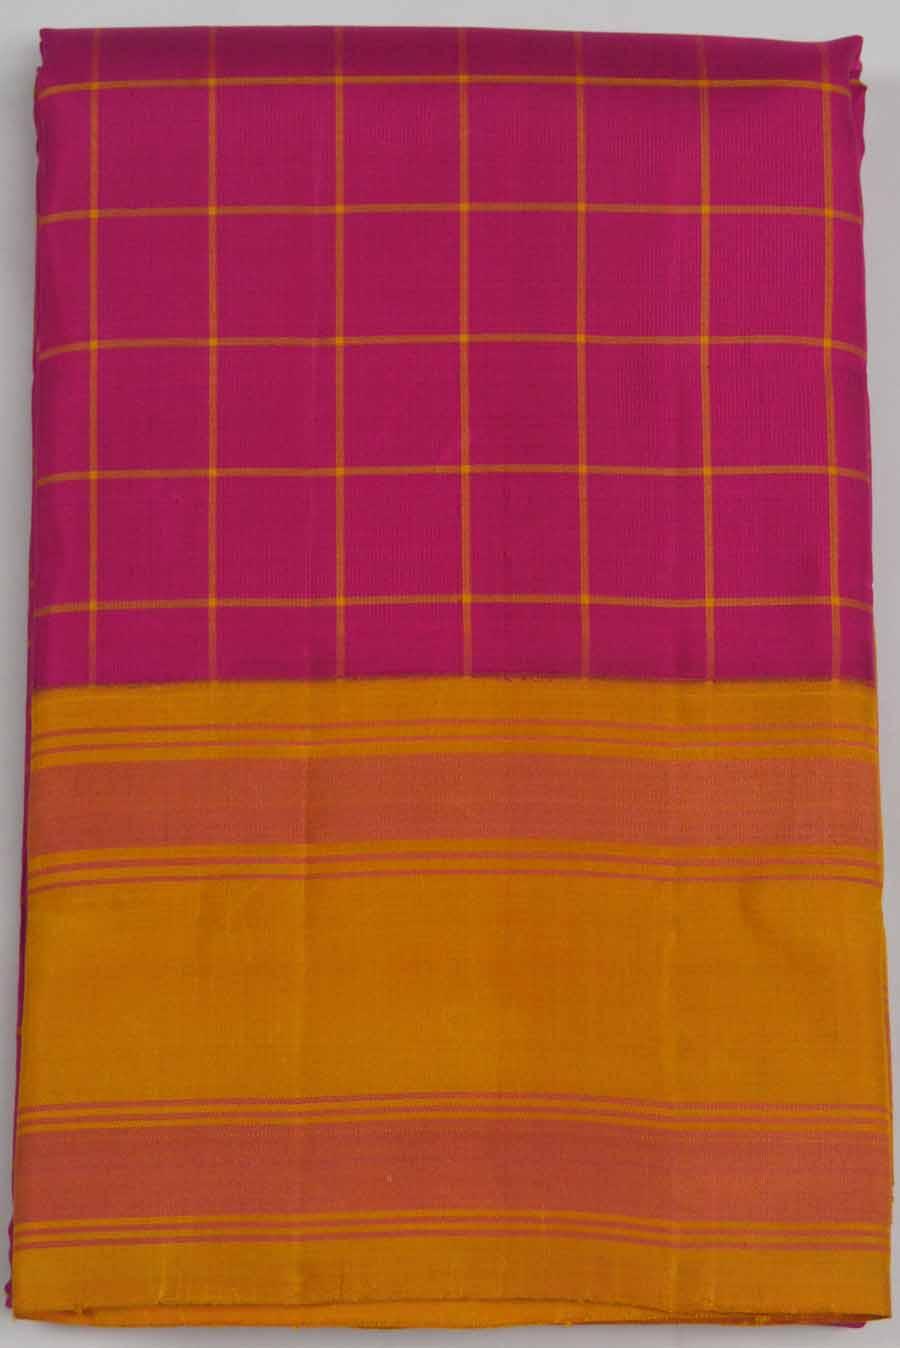 Kancheepuram 7400